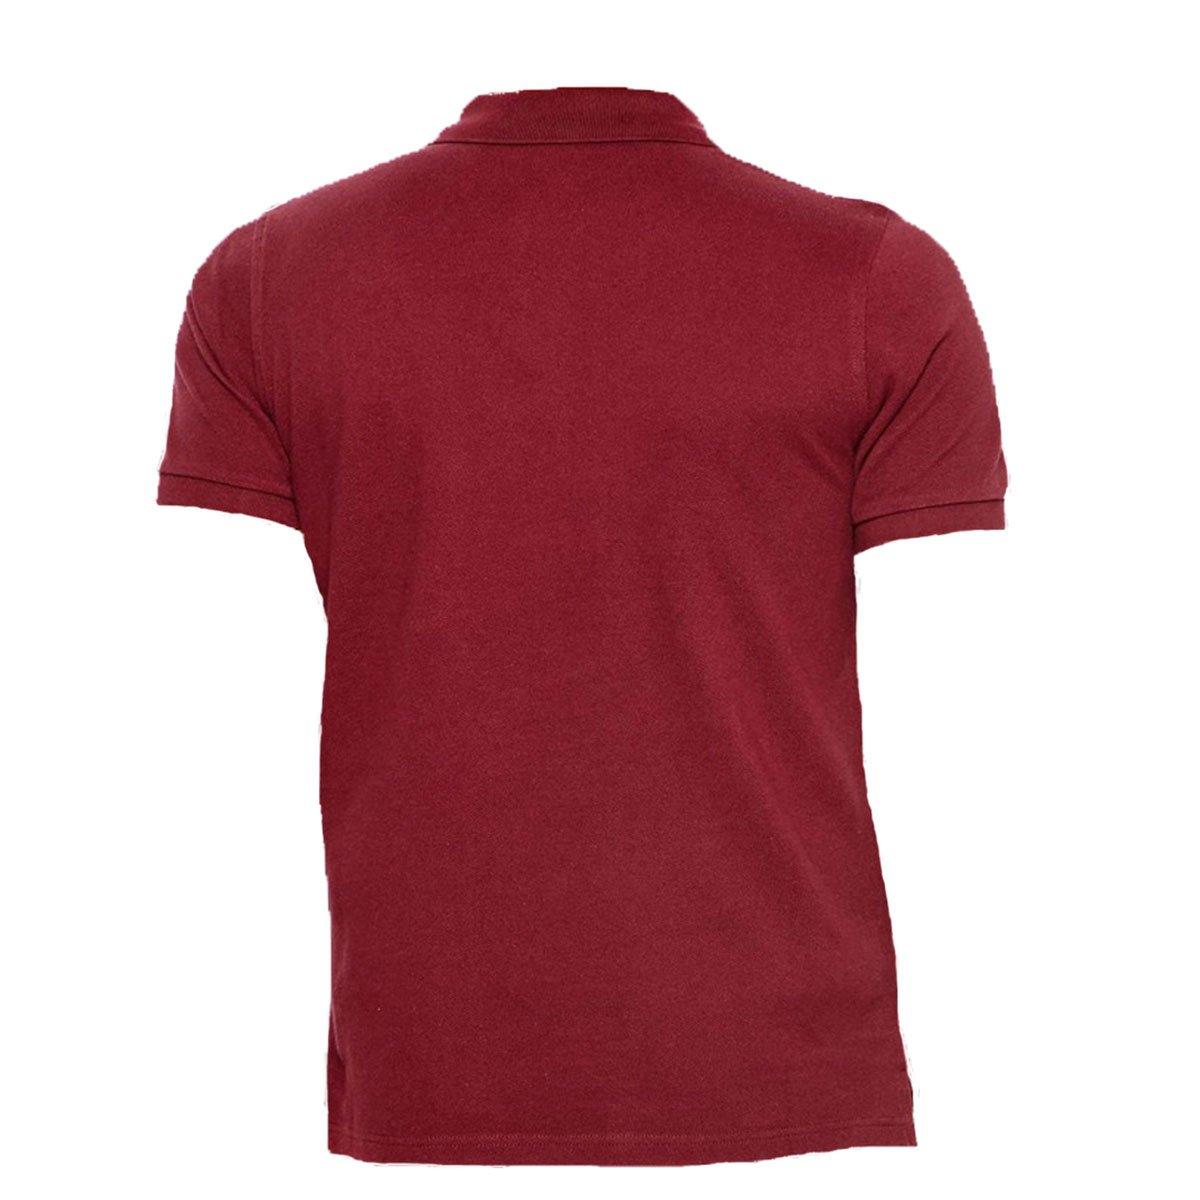 Carhartt Slim Fit Polo Rd Red L: Amazon.es: Ropa y accesorios